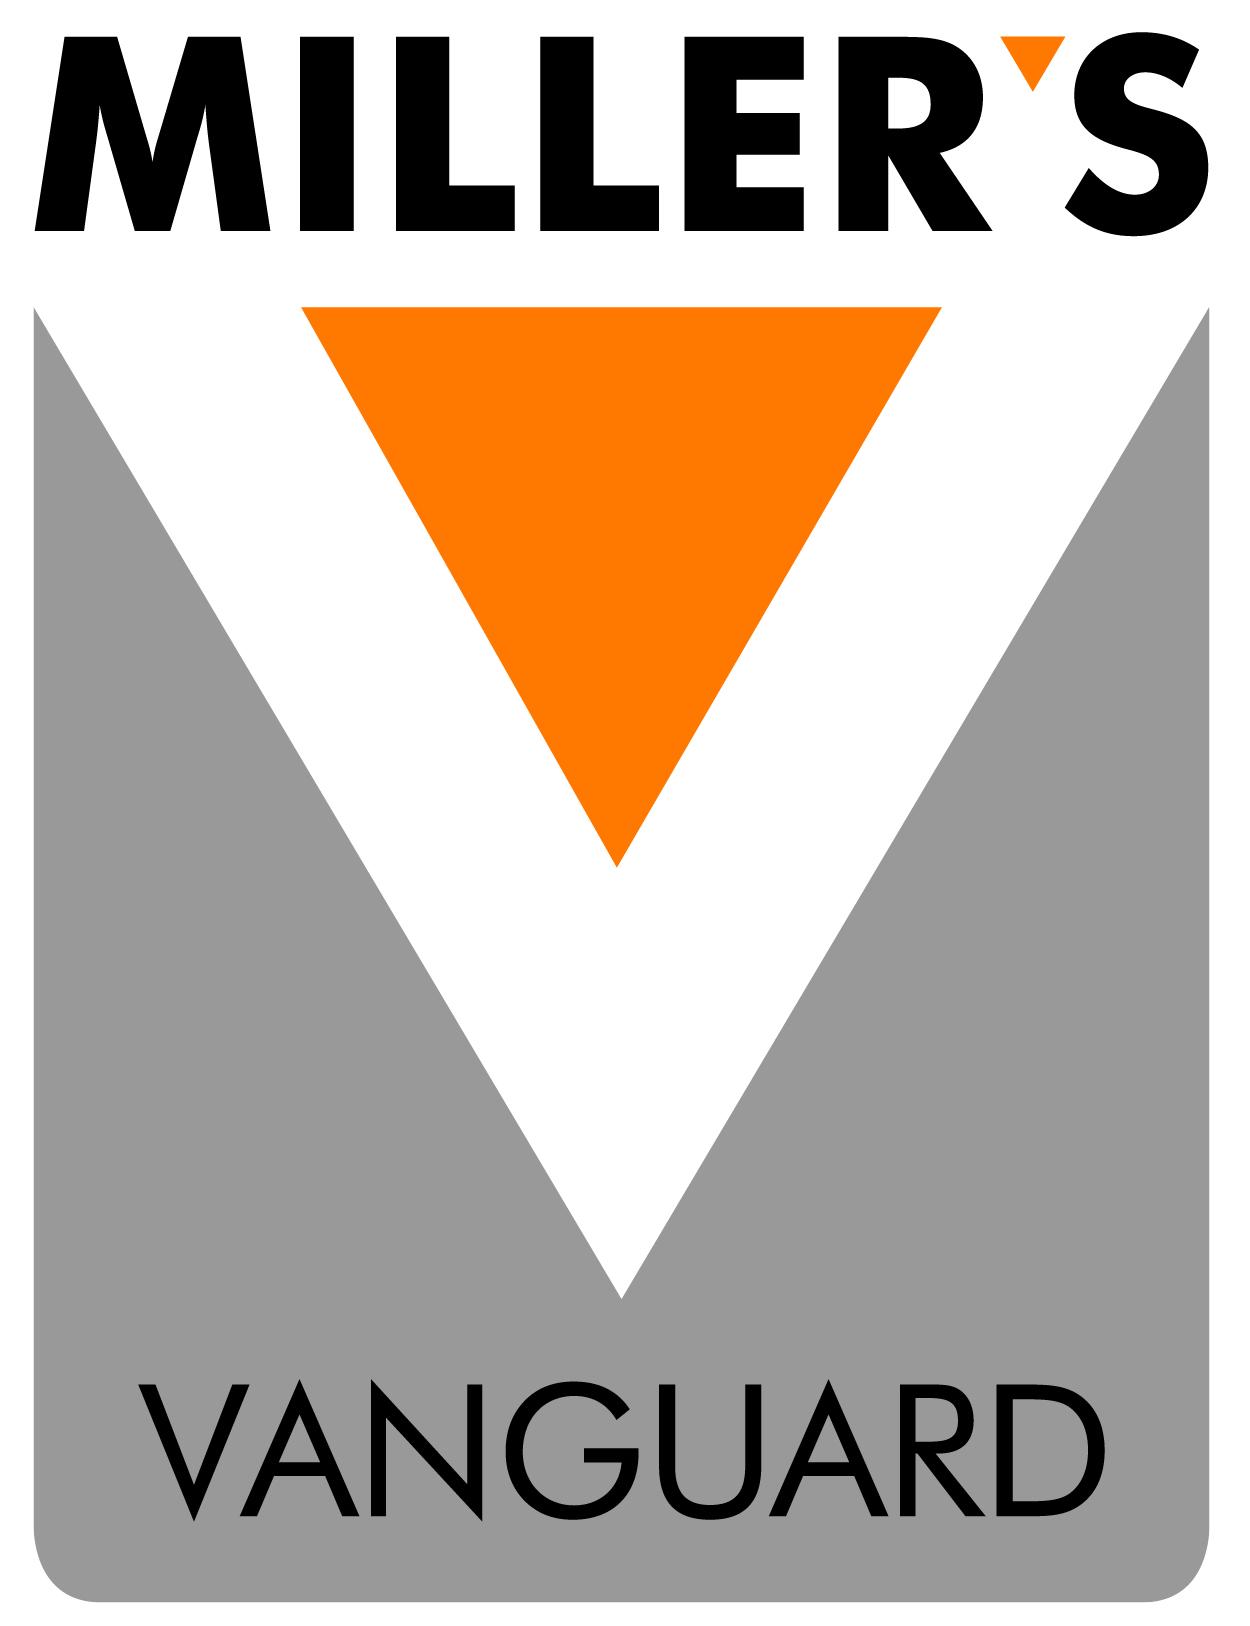 Millers Vanguard